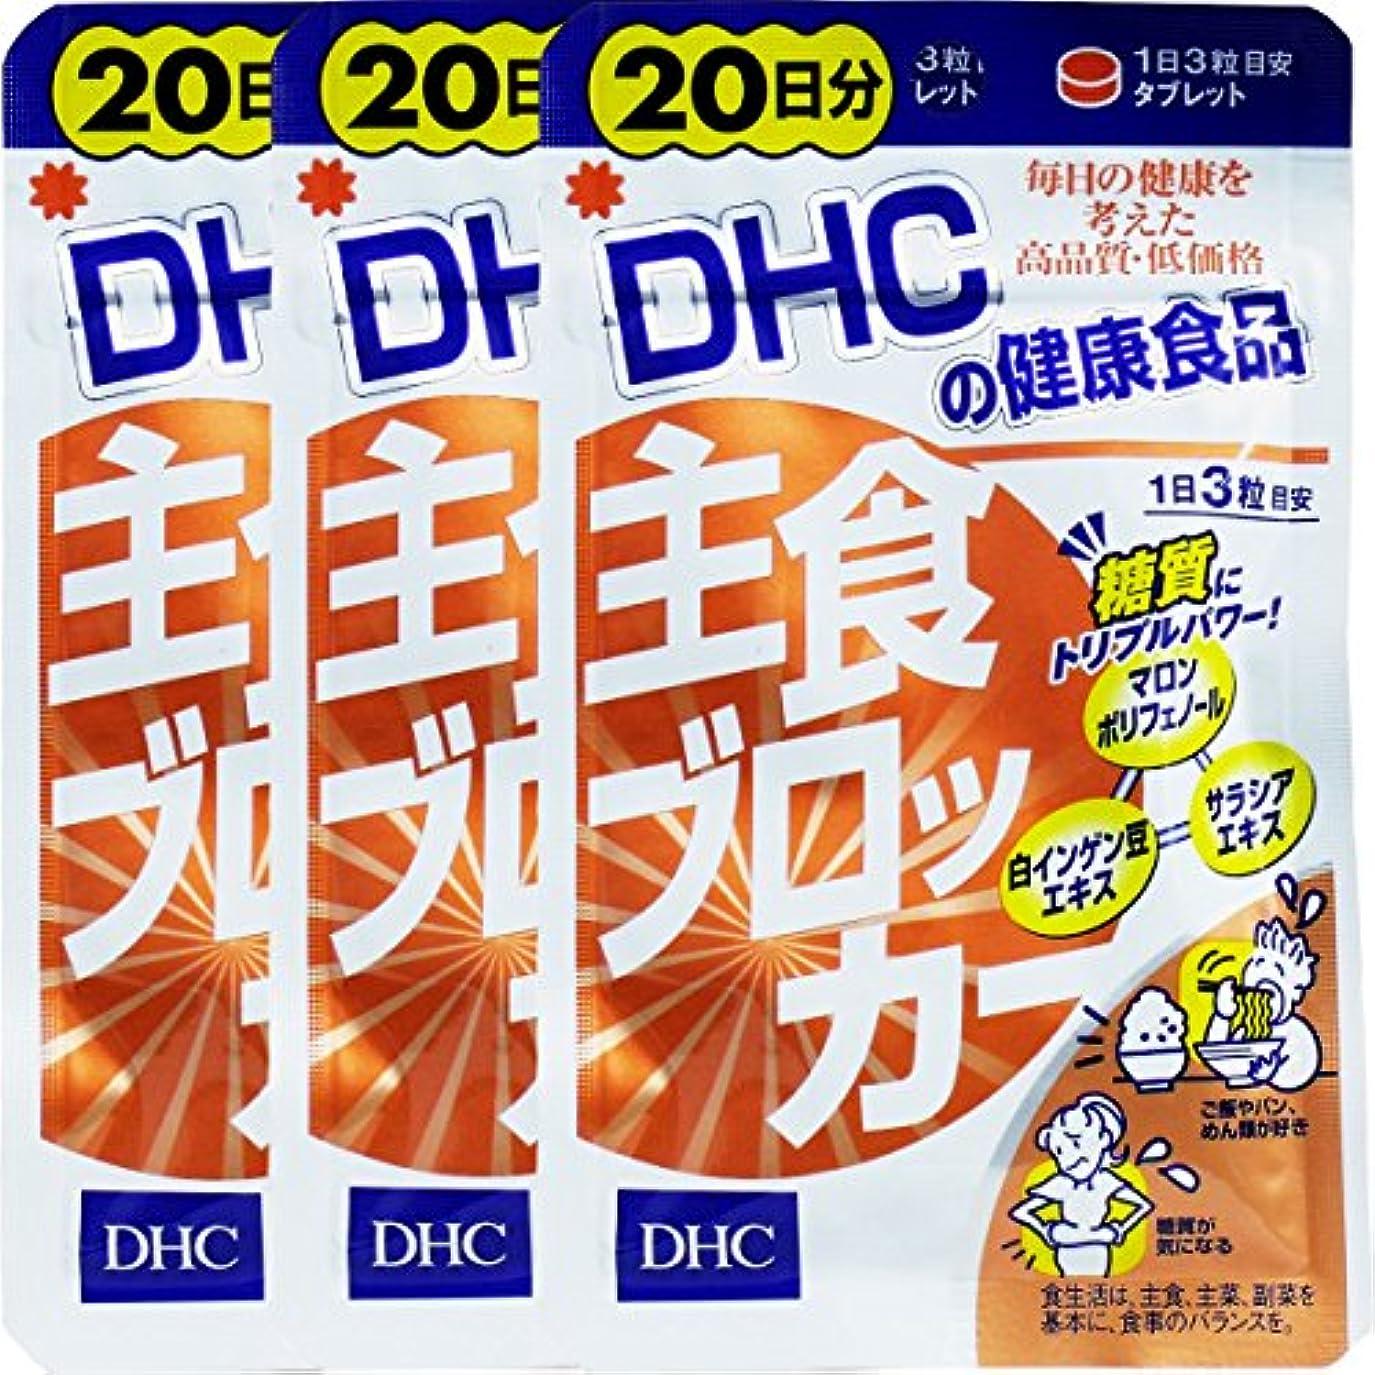 絶対のクリーナー規制DHC 主食ブロッカー 20日分 60粒入×3個